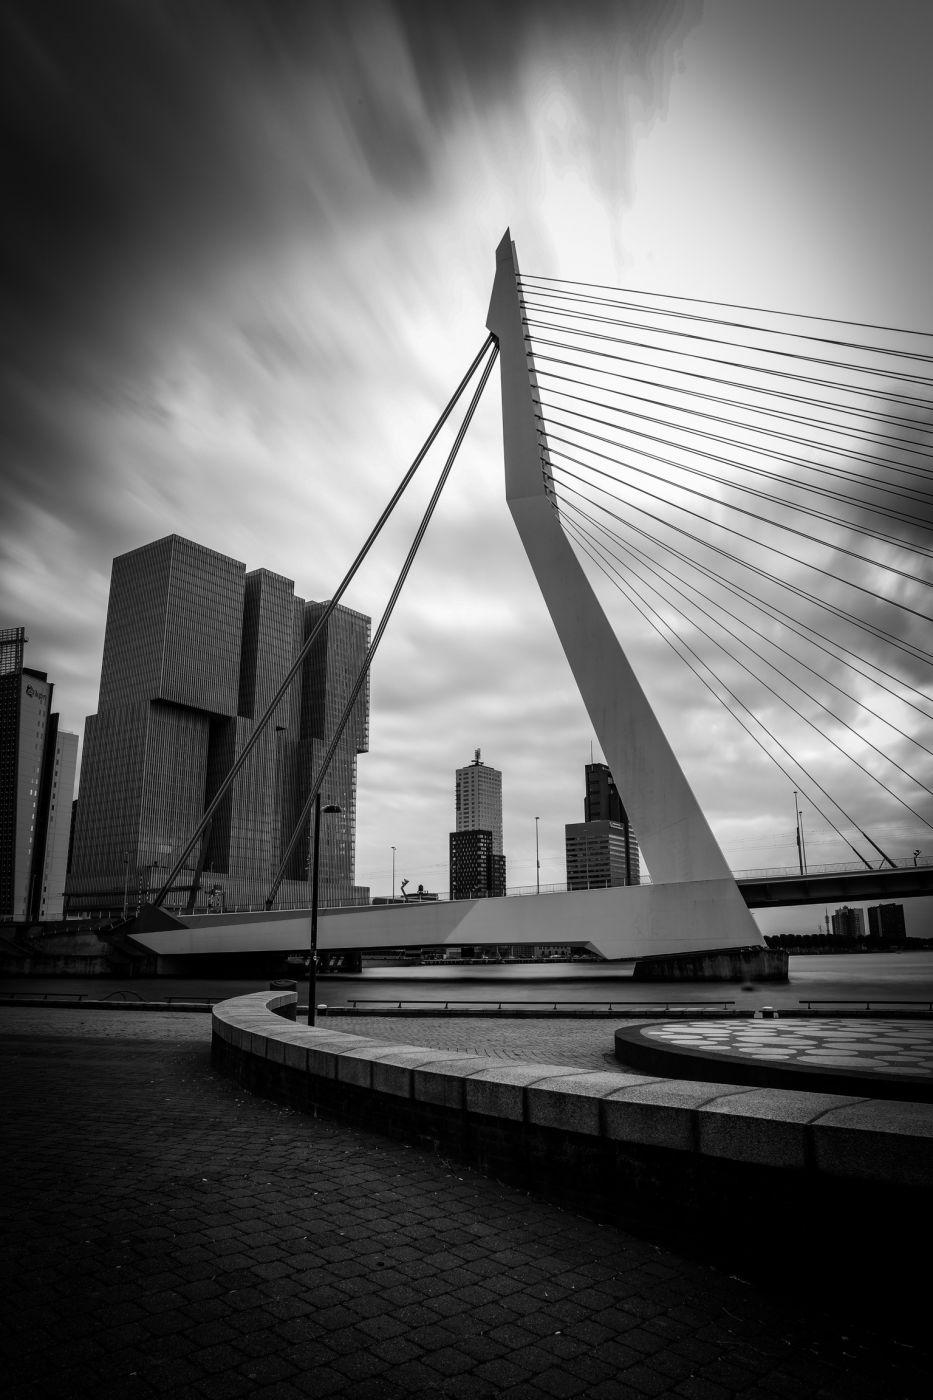 Erasmusbrücke, Netherlands